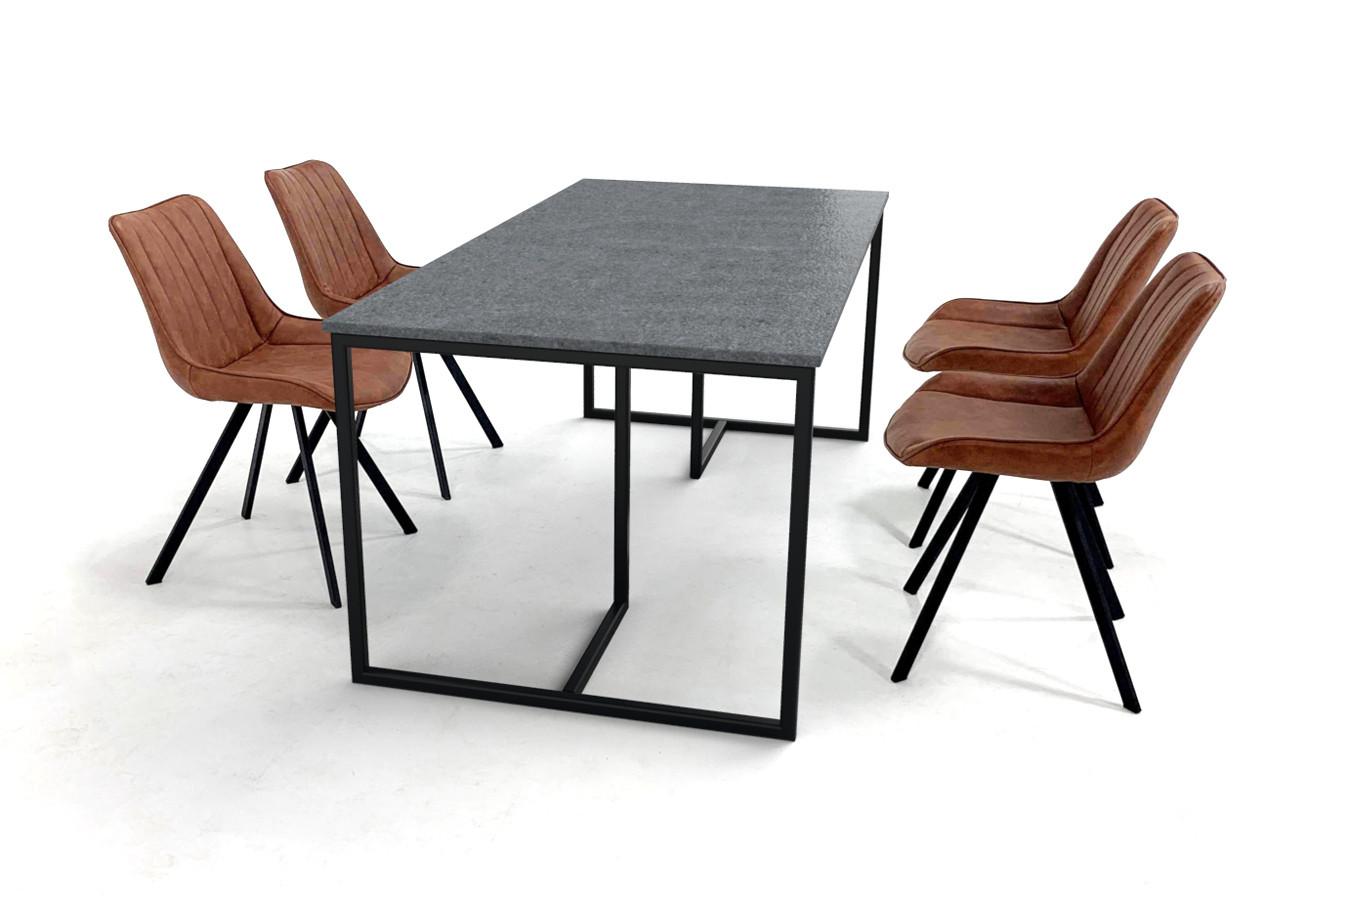 Granieten eettafel met zwart gecoat Deens design onderstel en vier stoelen